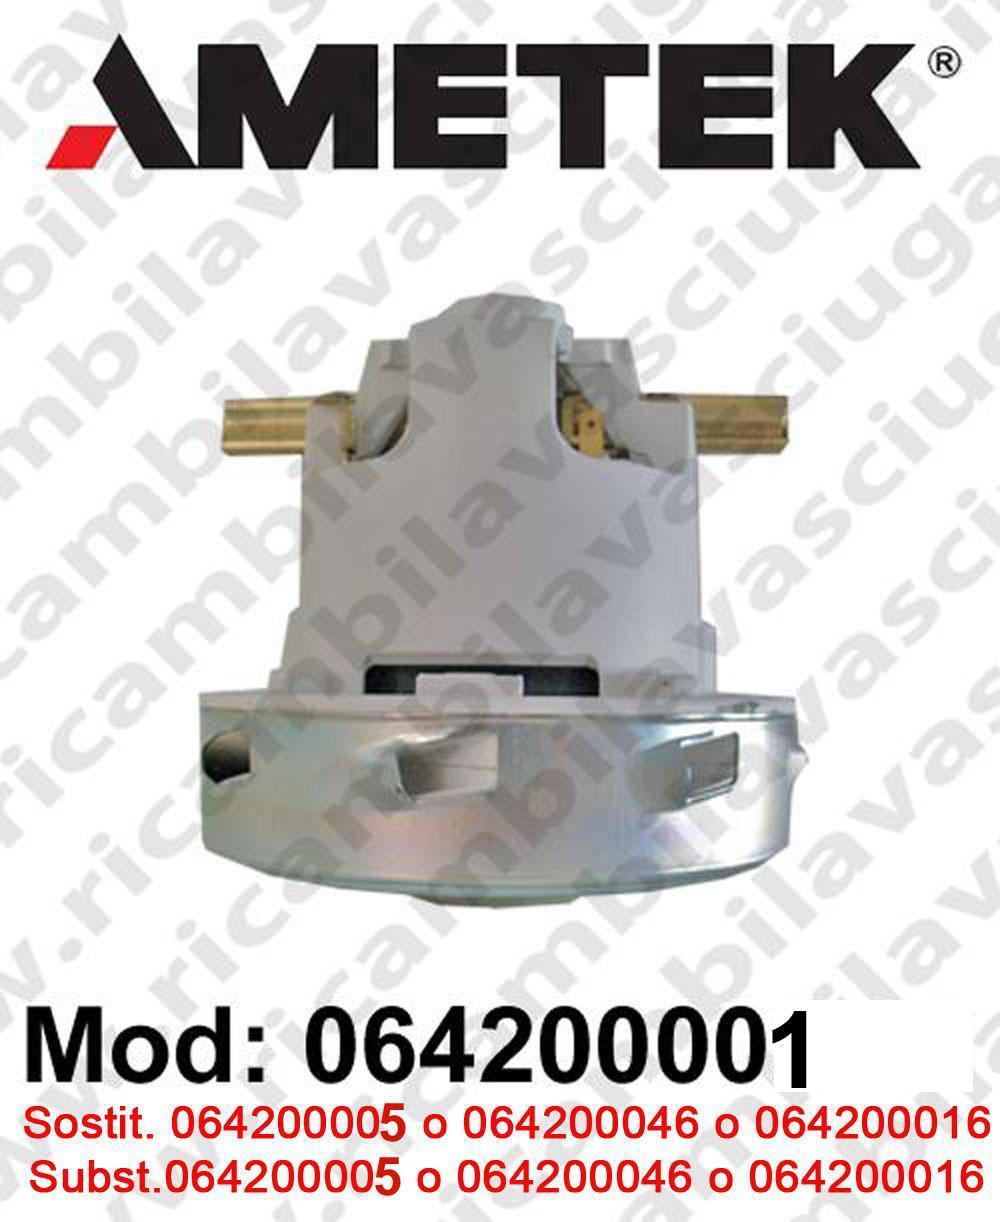 Motore de aspiración 064200001 AMETEK ITALIA para fregadora y aspiradora. Sostituisce 064200016 o 064200005 o 064200046